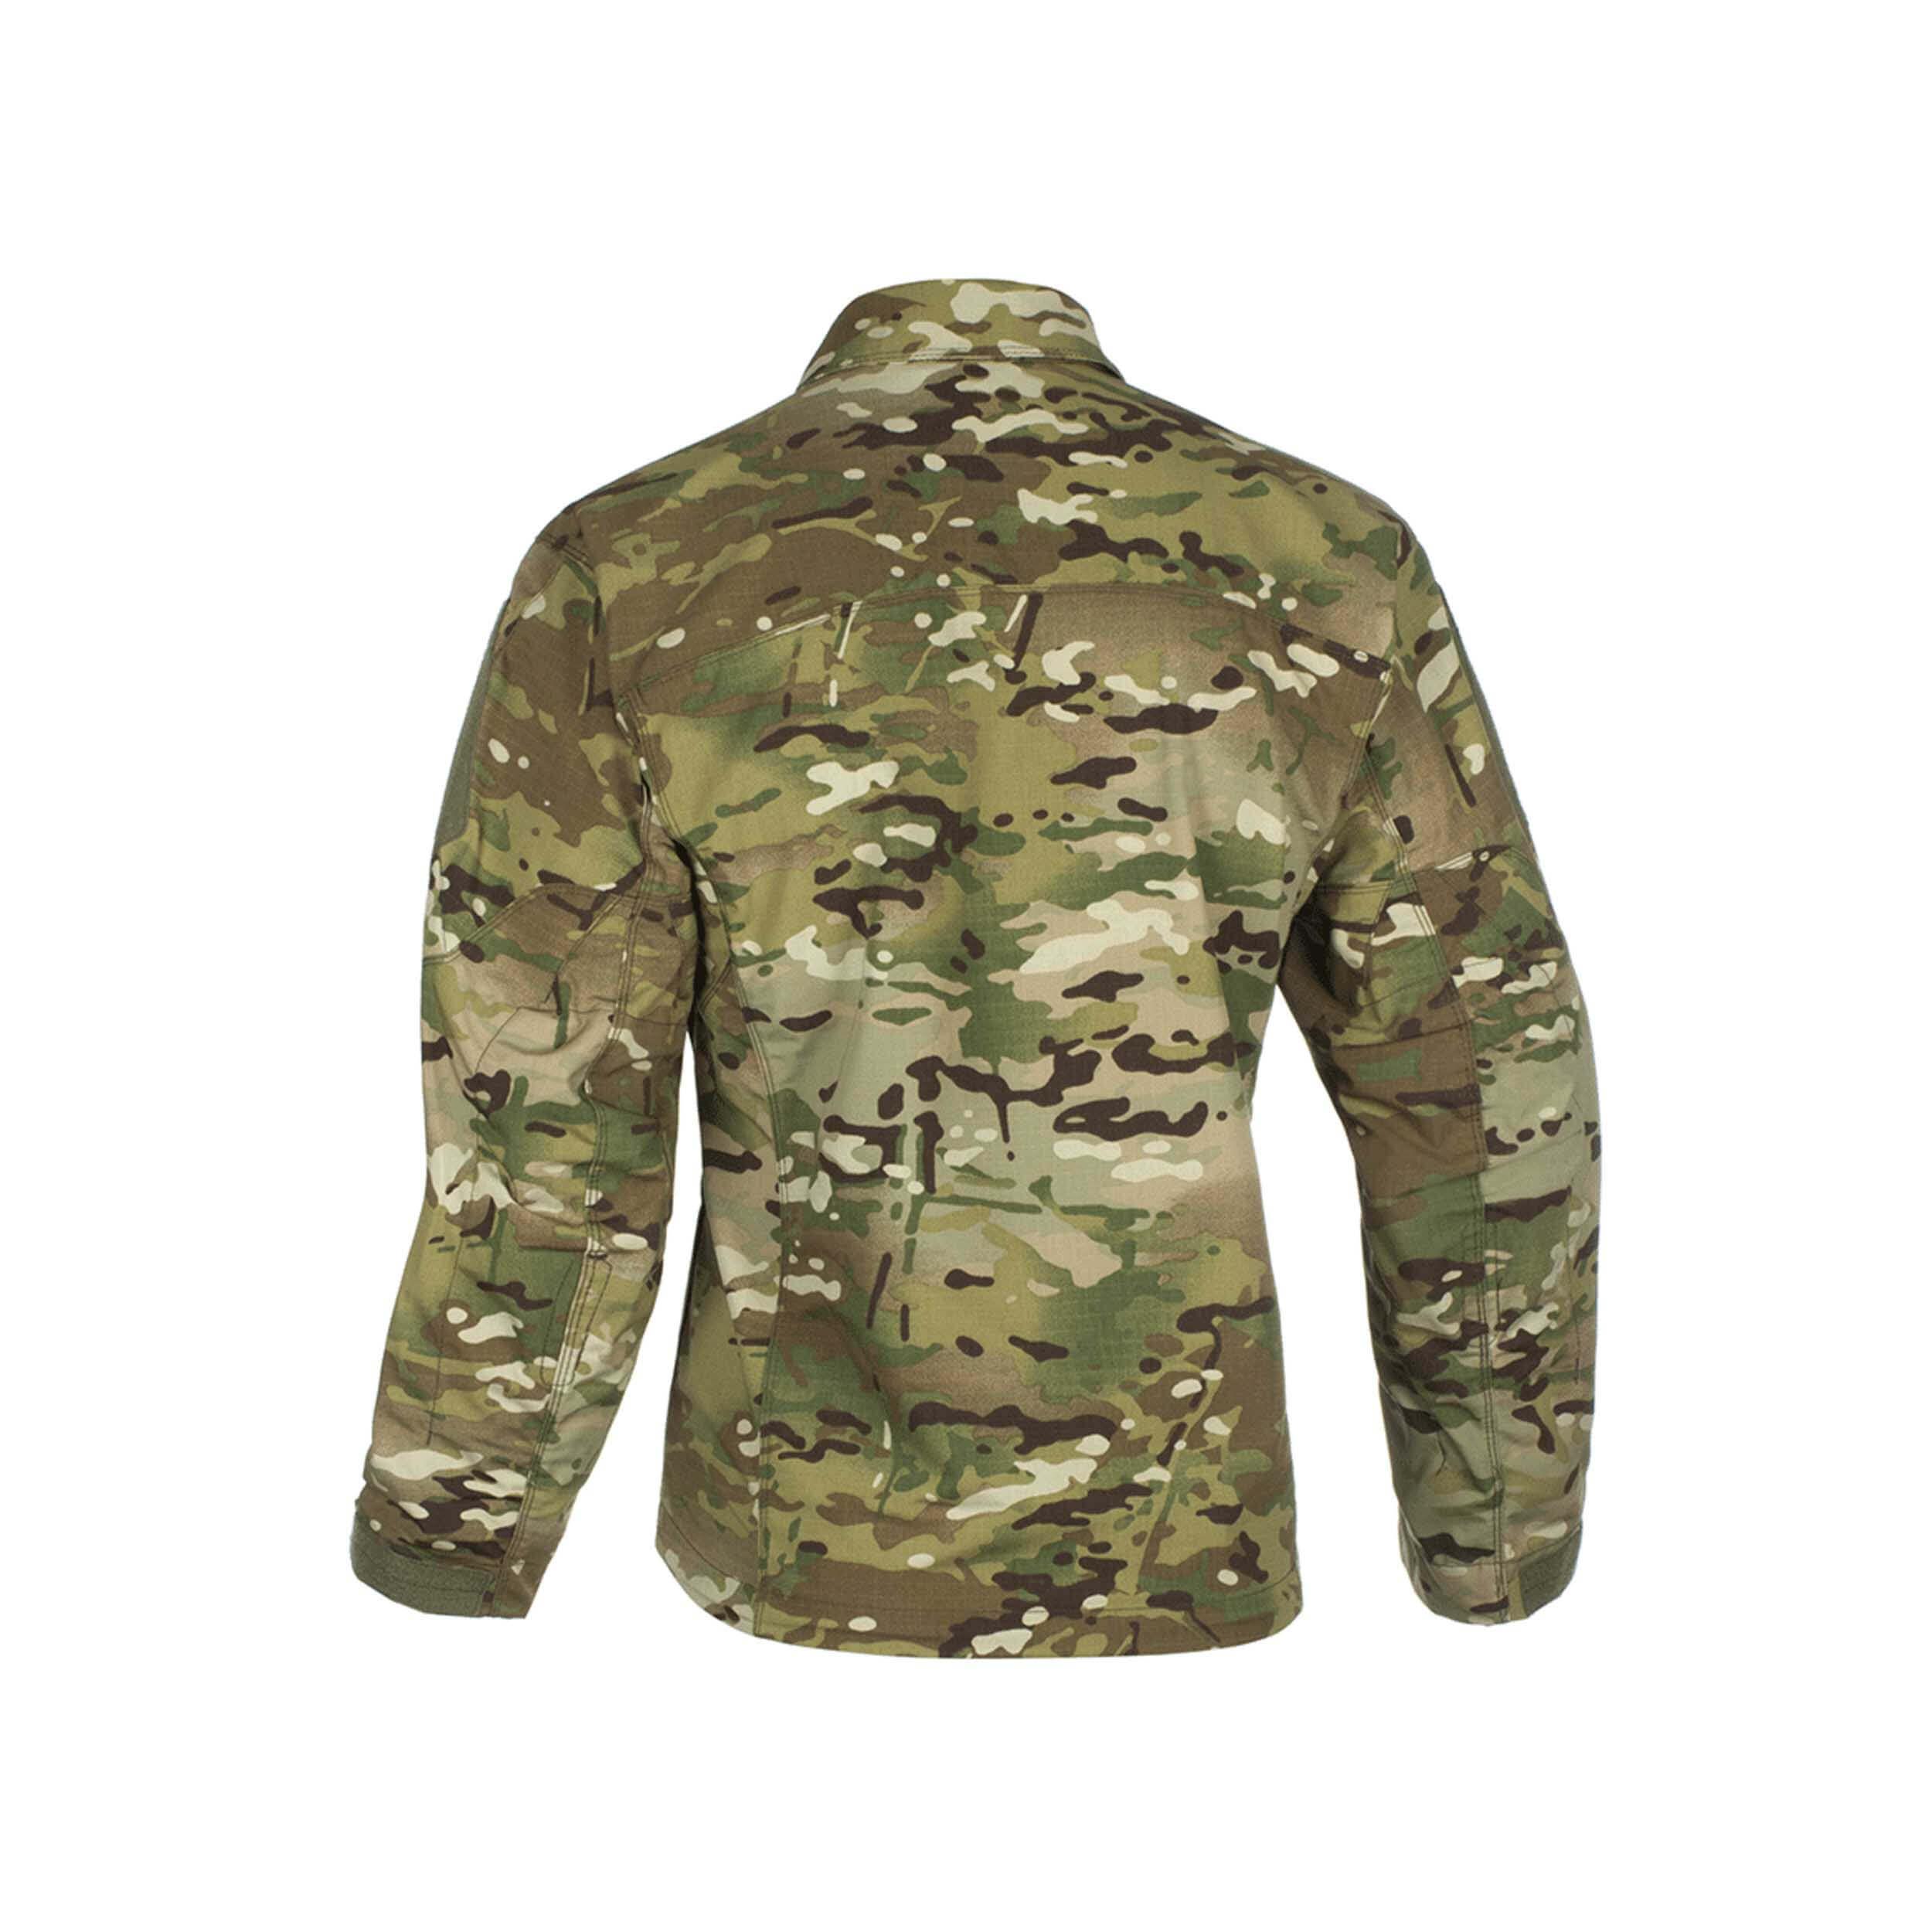 Clawgear Raider MK.IV Field Shirt Multicam